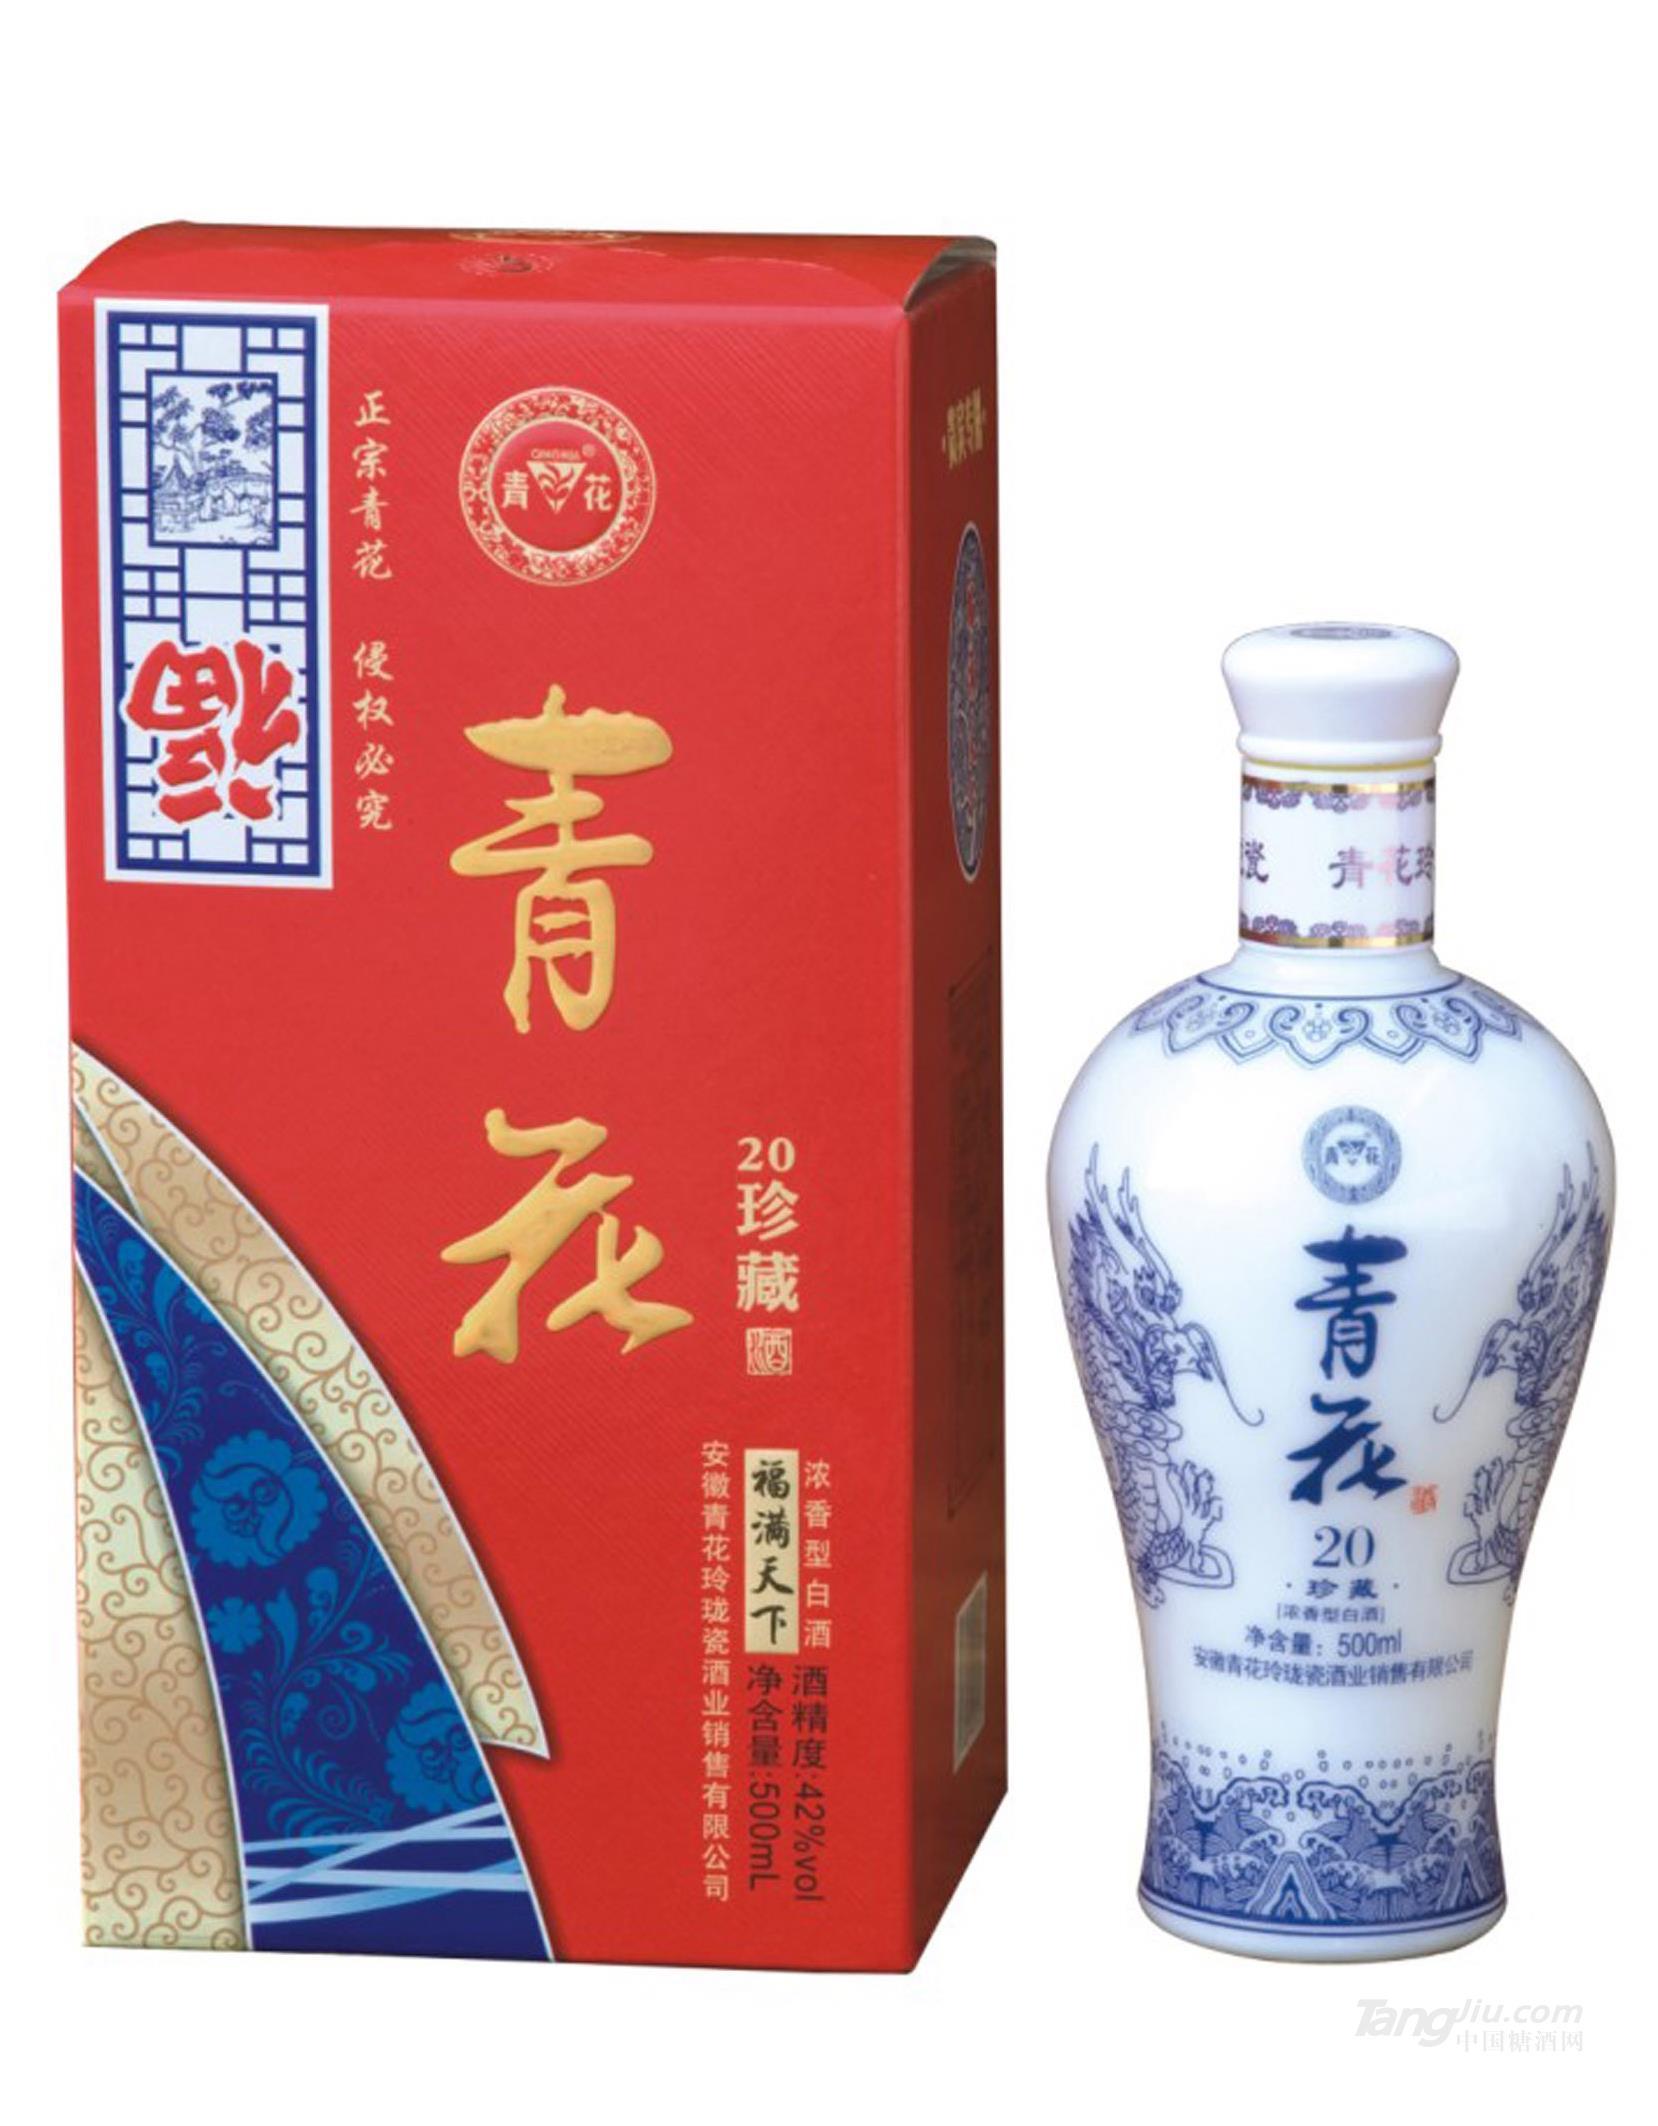 青花酒20年珍藏版